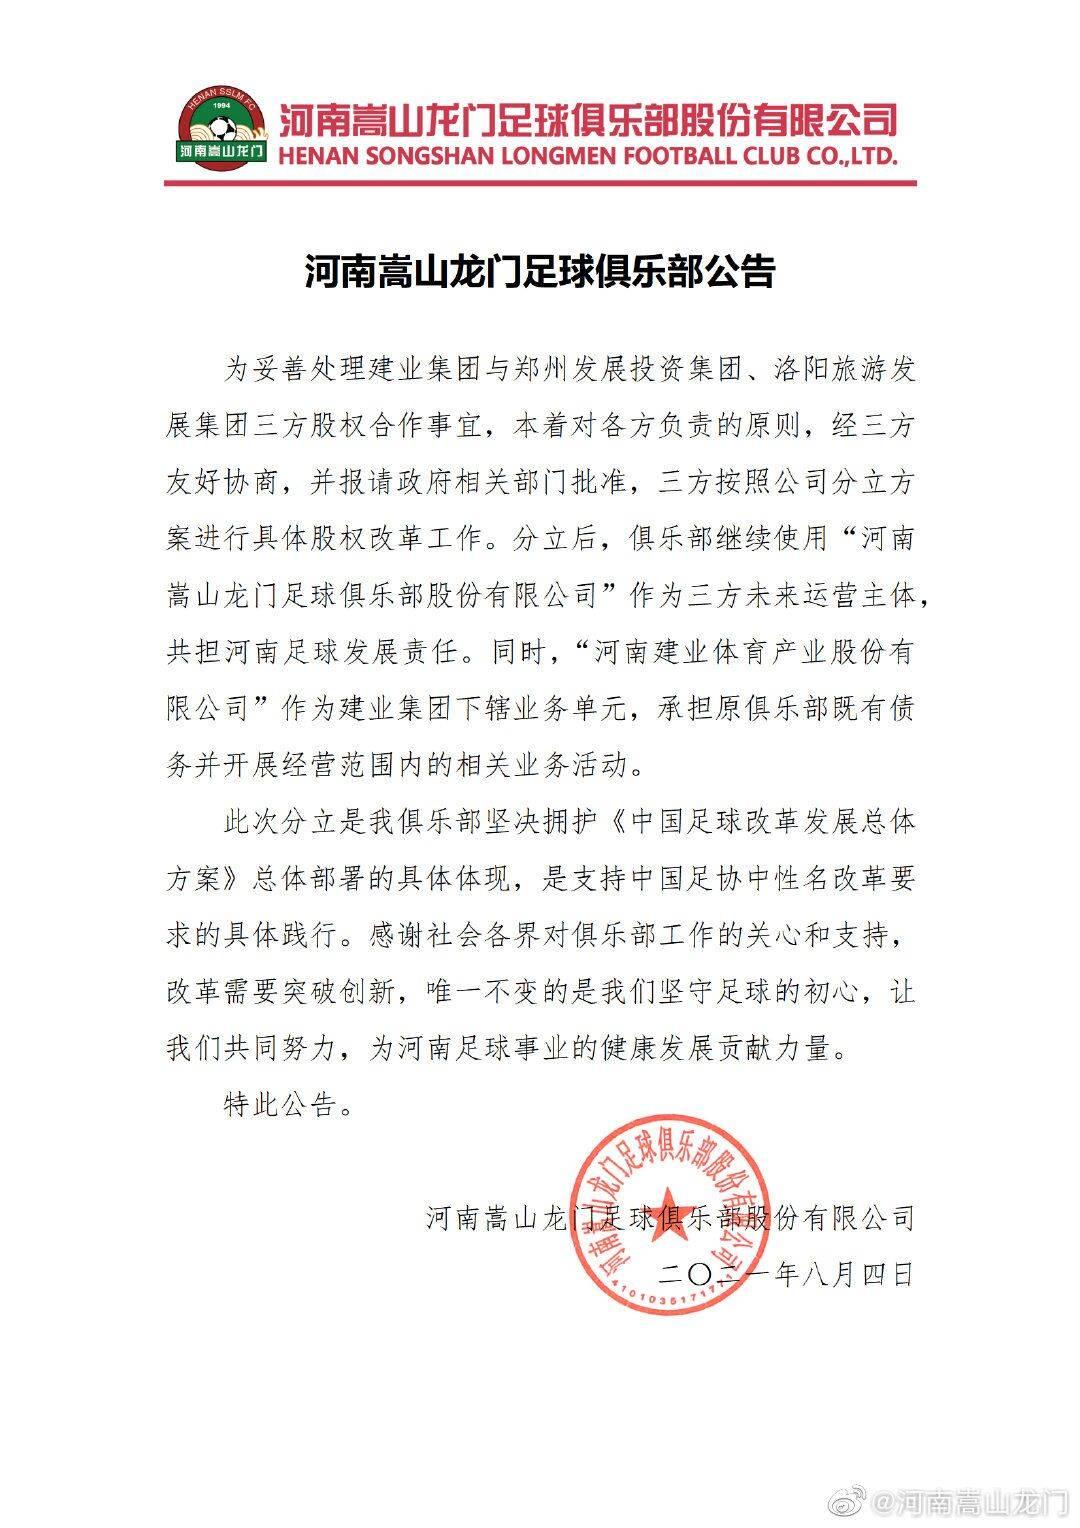 河南队官方:河南嵩山龙门仍为运营主体 拥护中性名改革